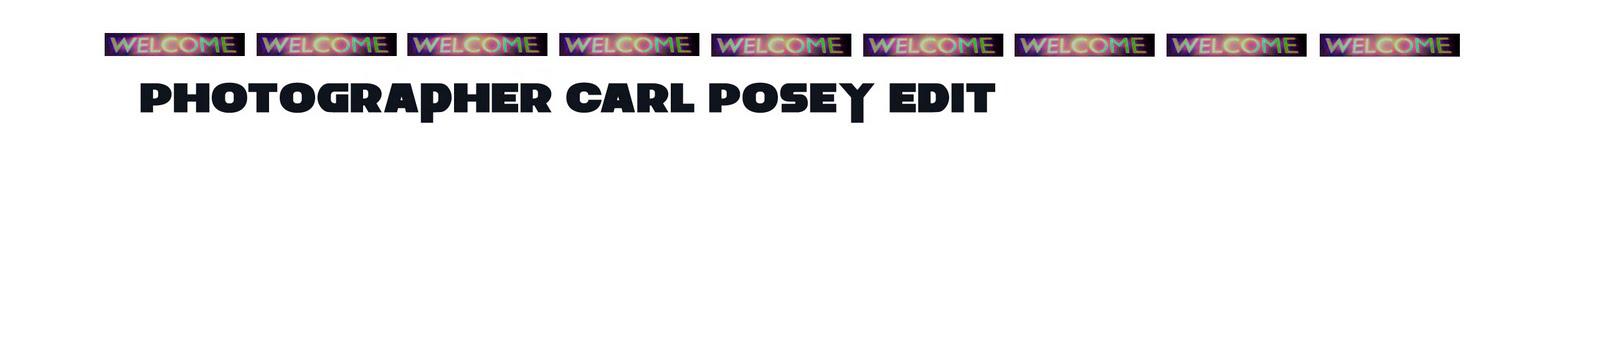 Carl Posey Edit